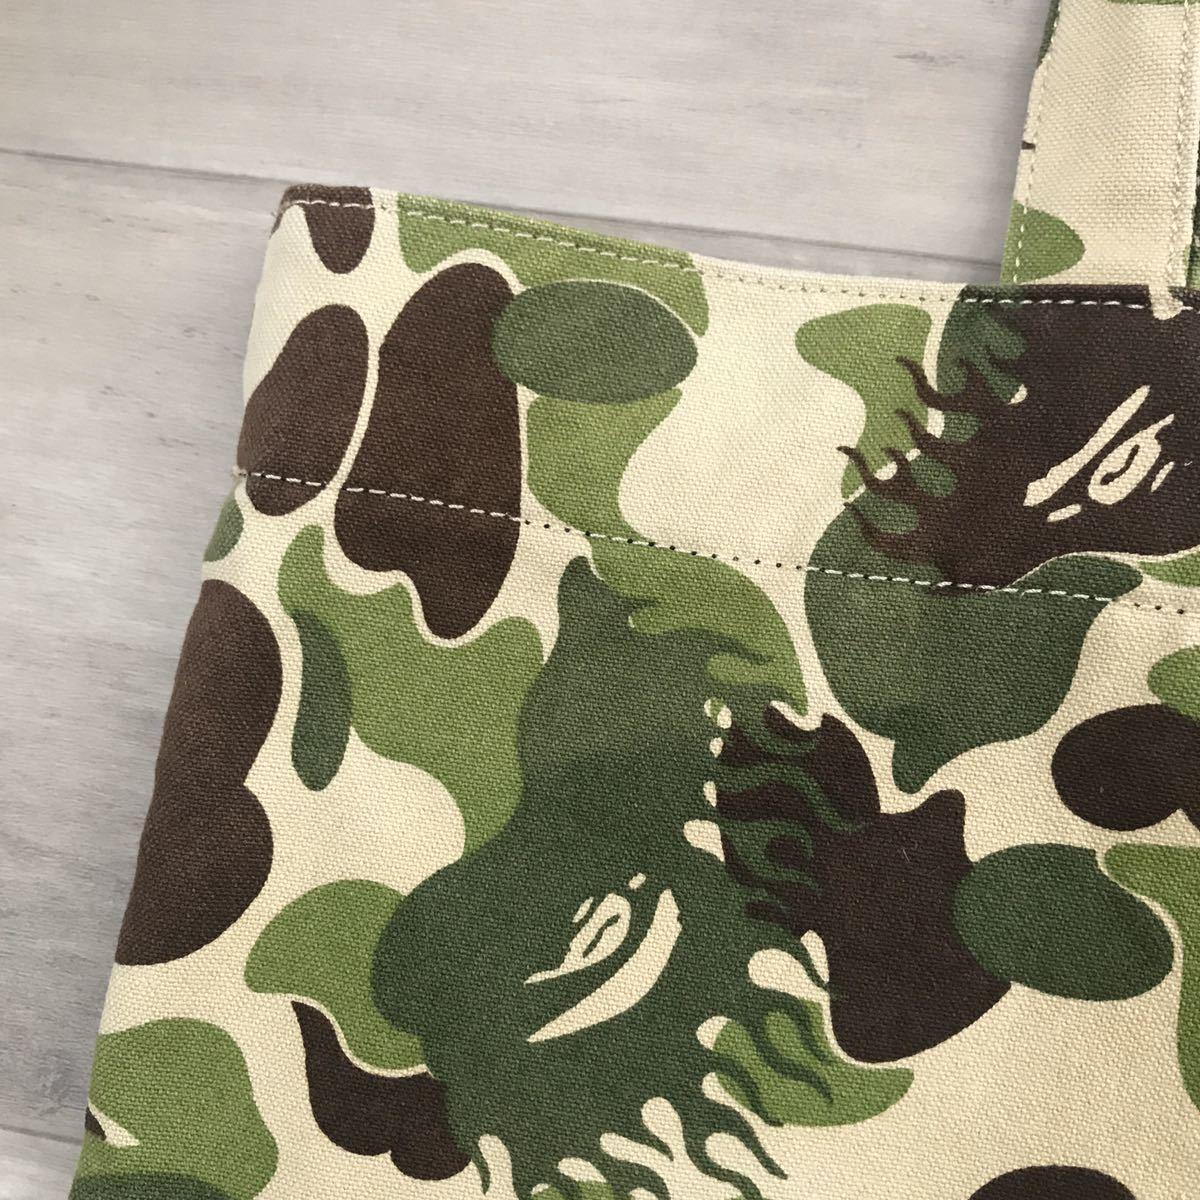 ★激レア★ fire camo トート バッグ a bathing ape bape bag ファイヤーカモ エイプ ベイプ アベイシングエイプ 迷彩 nigo